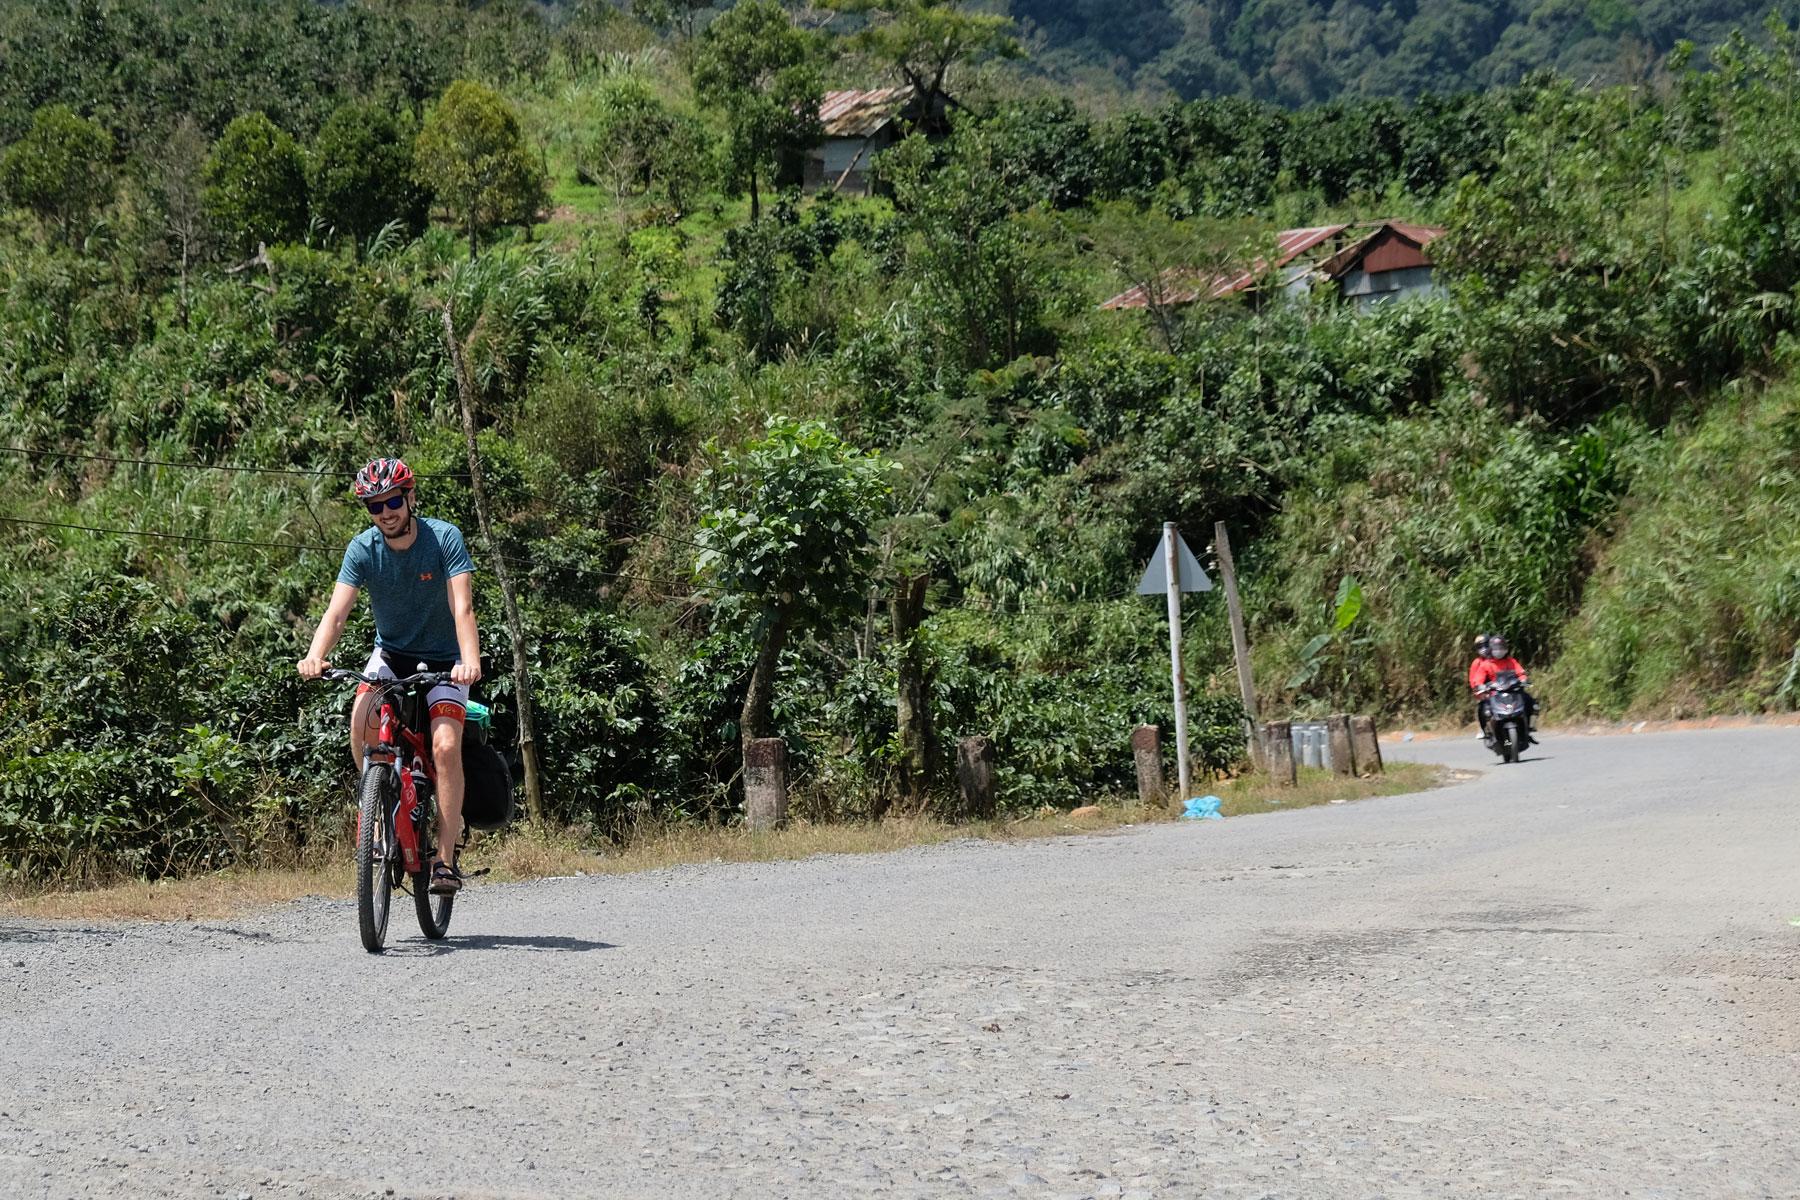 Sebastian fährt auf dem Fahrrad über eine holprige Straße